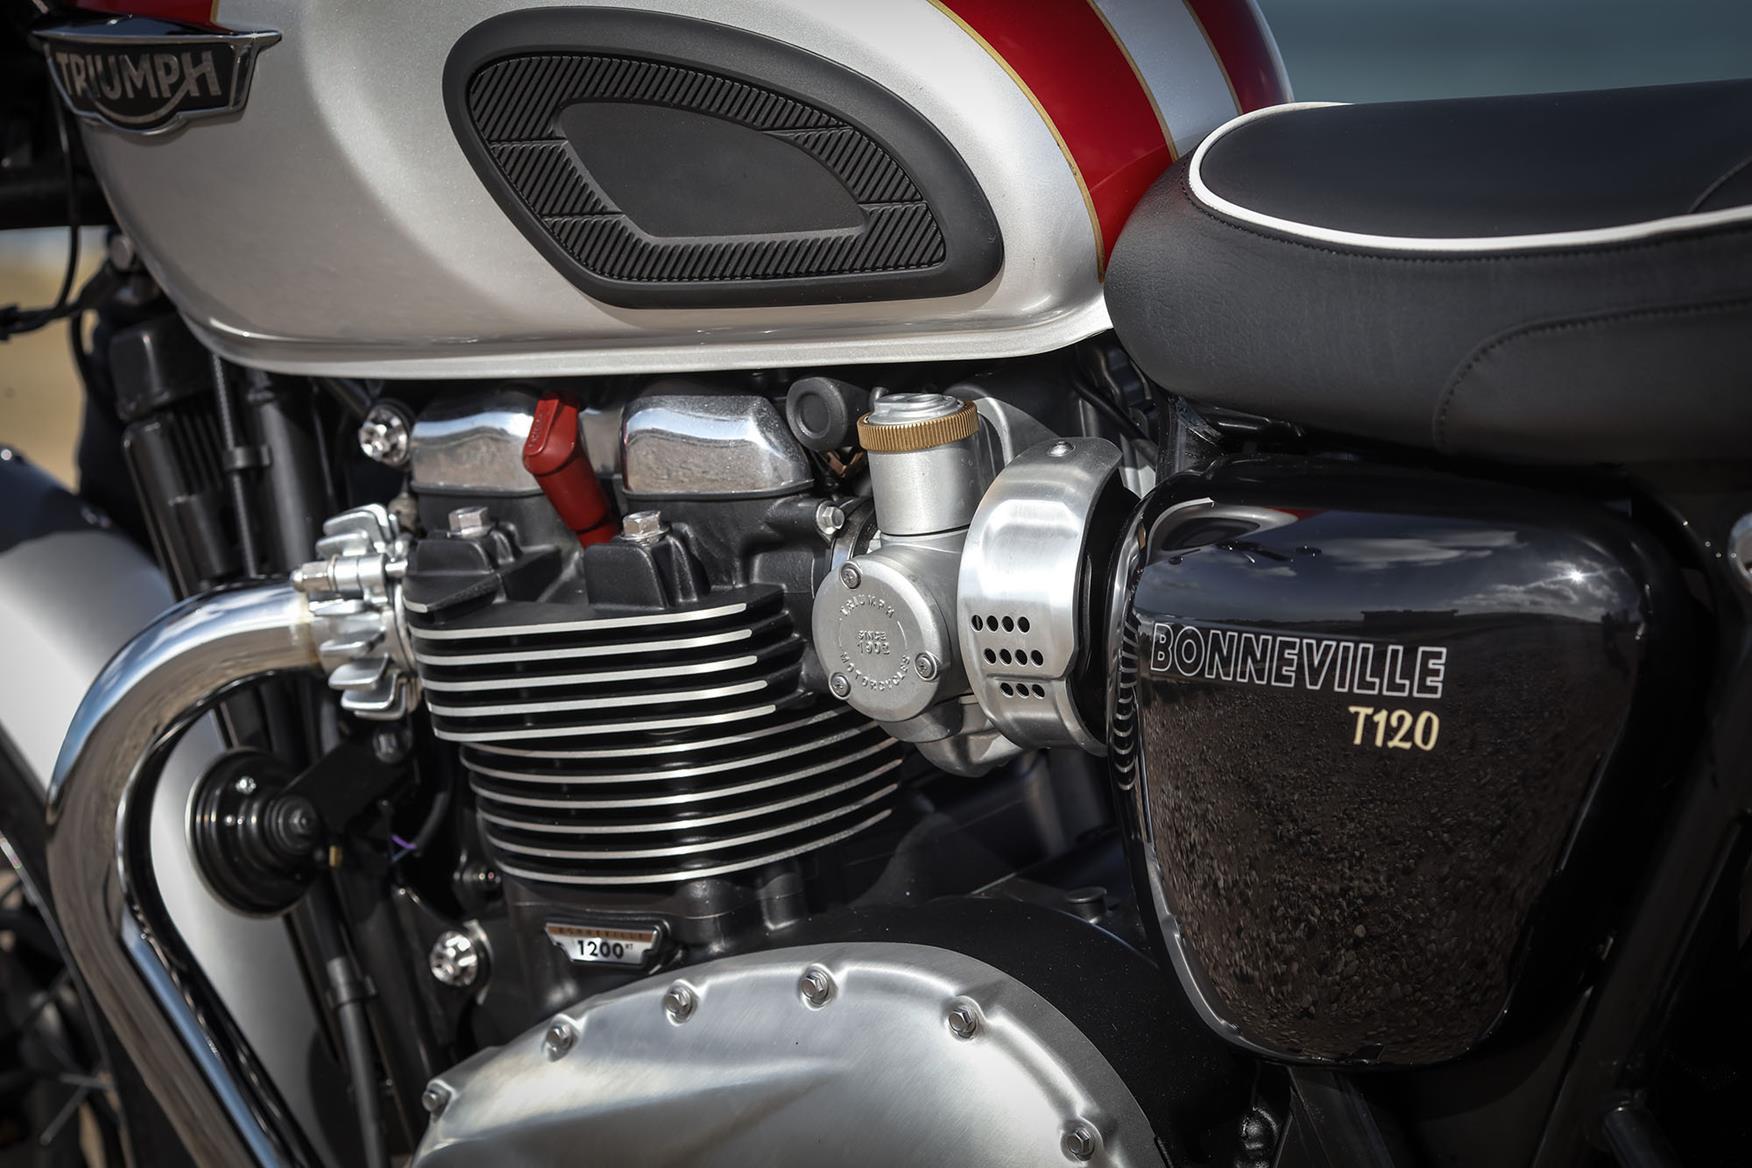 Triumph Bonneville T120 engine